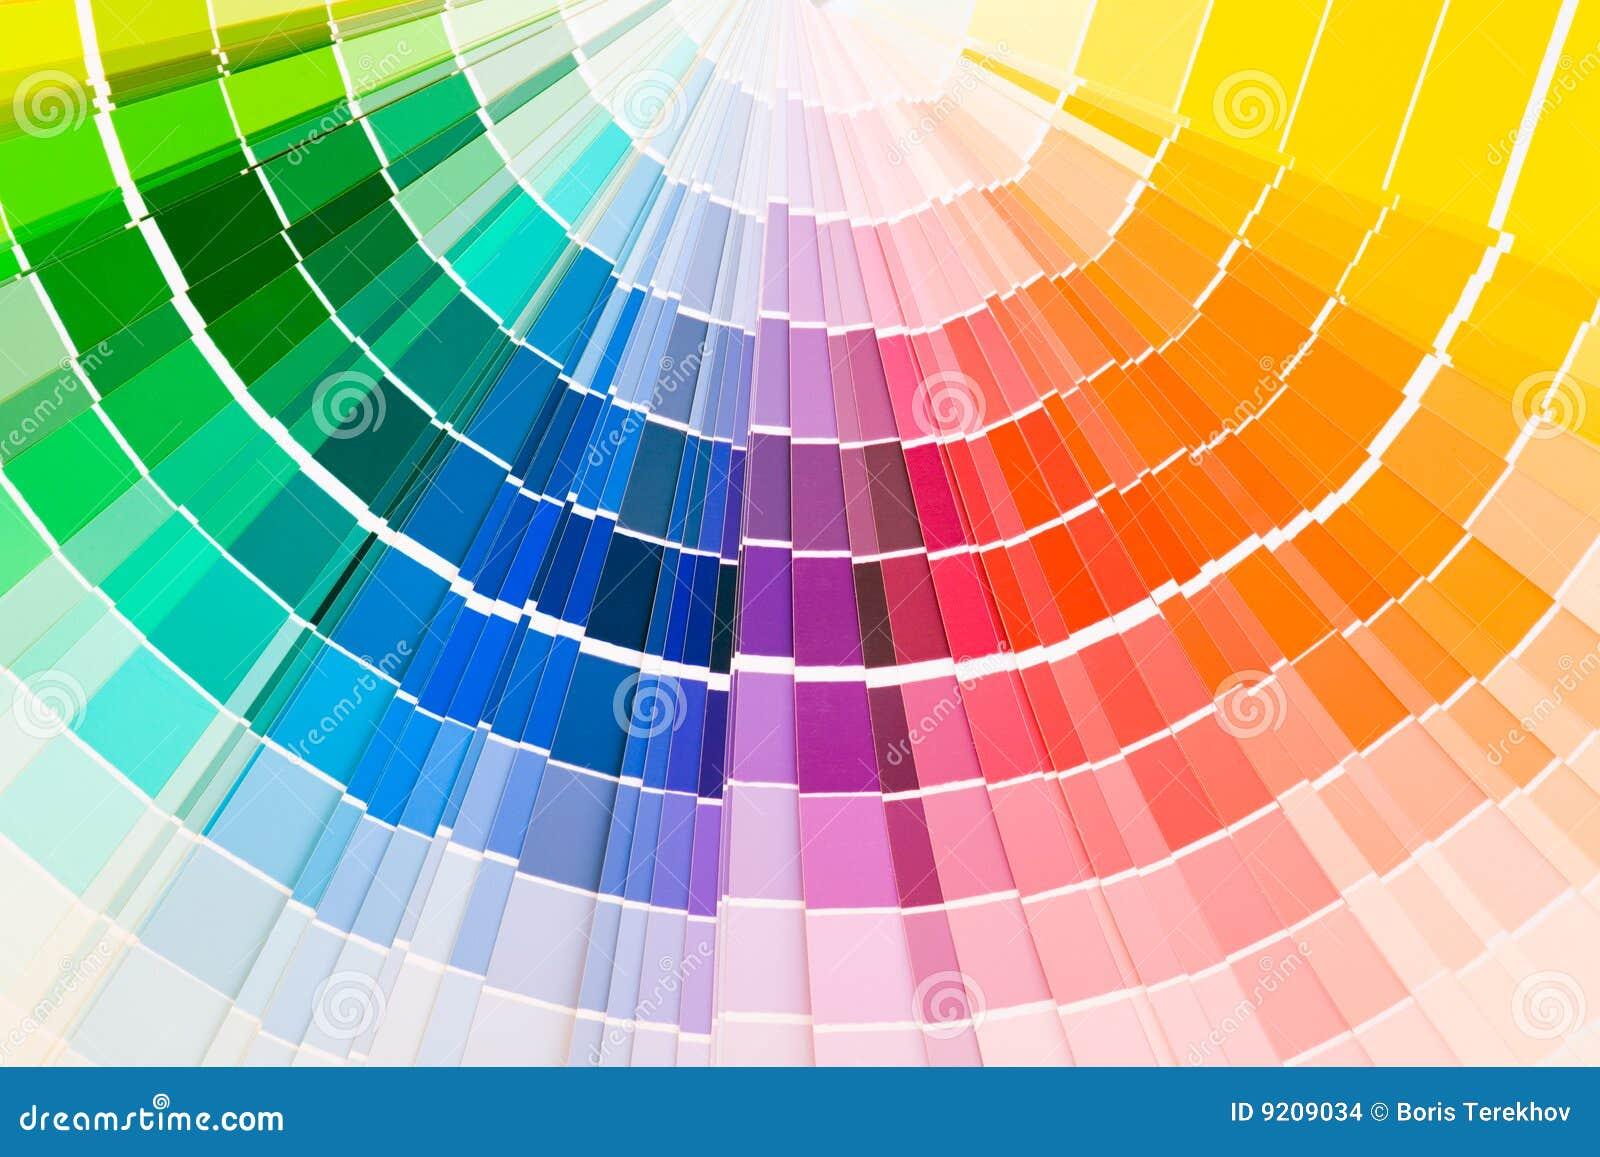 chantillons de guide de couleur photo stock image 9209034. Black Bedroom Furniture Sets. Home Design Ideas